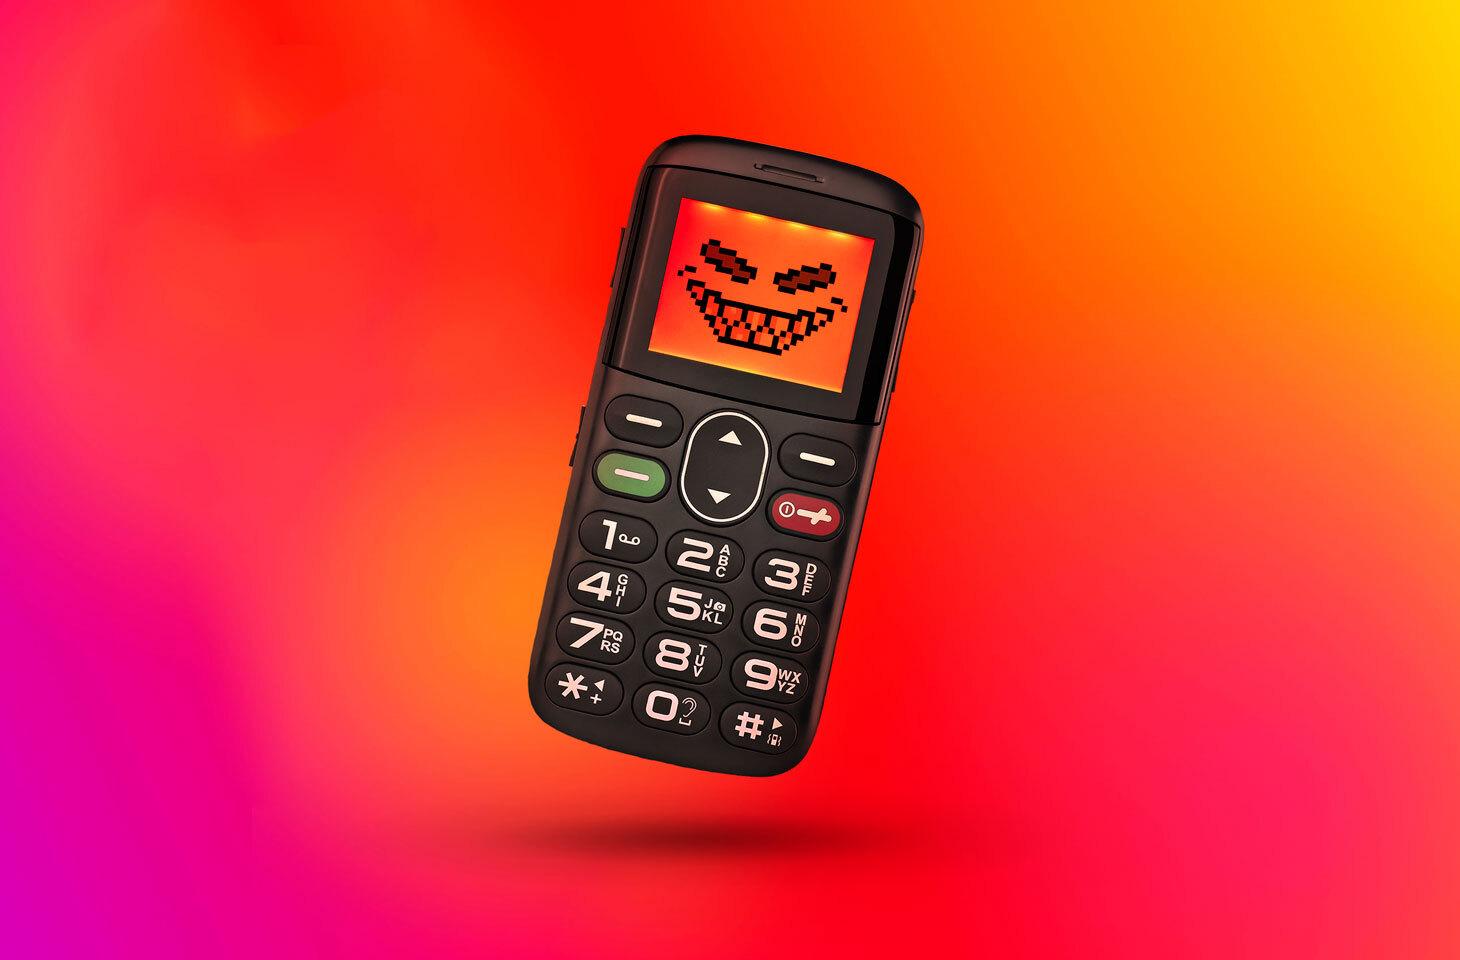 Auch Feature-Phones können gefährlich sein.